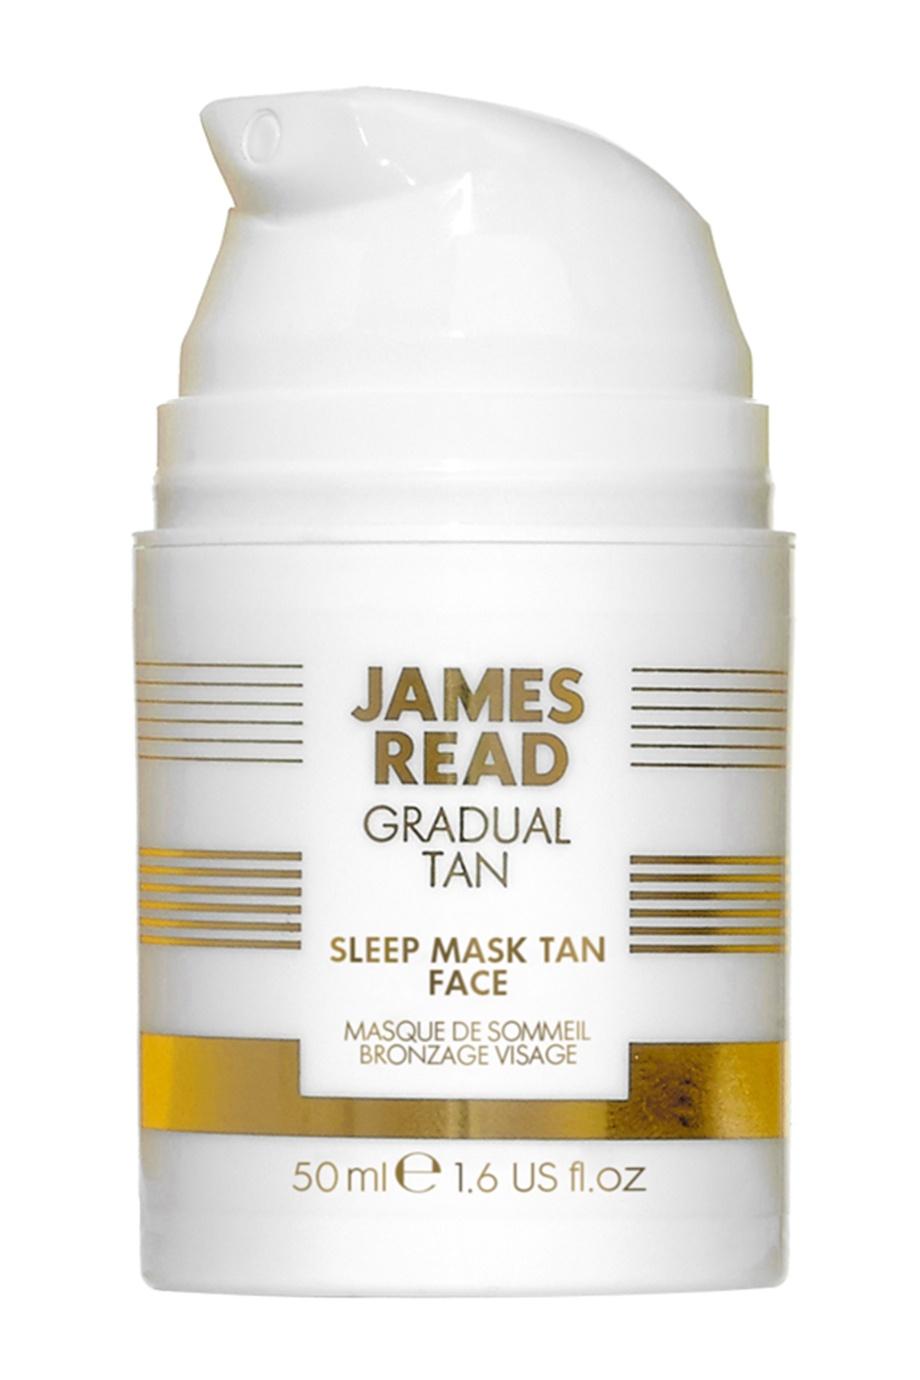 SLEEP MASK TAN FACE, 50 ml